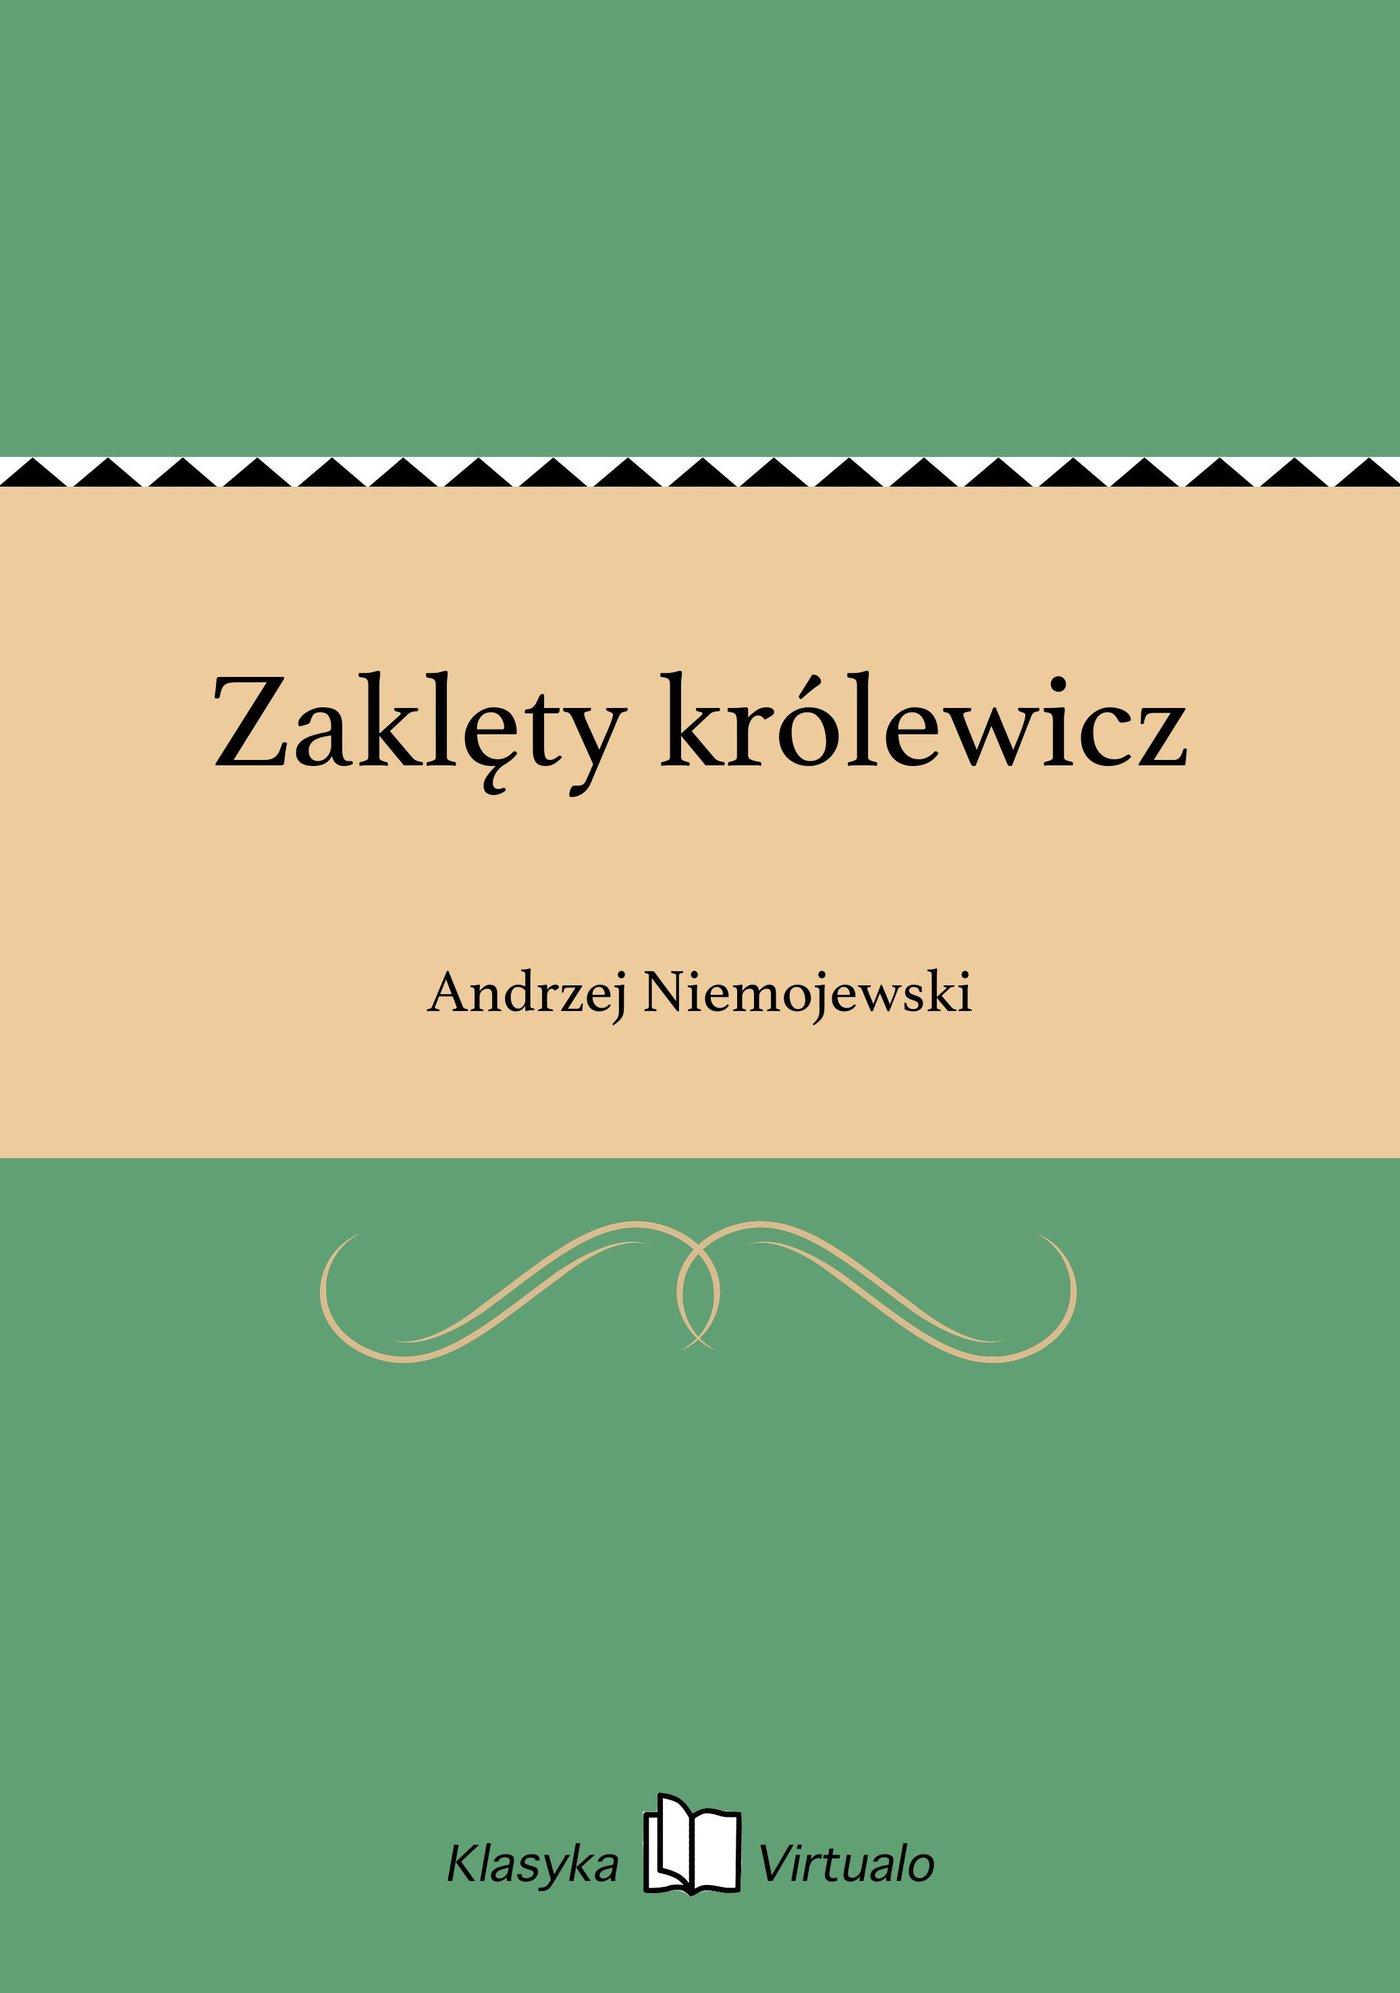 Zaklęty królewicz - Ebook (Książka EPUB) do pobrania w formacie EPUB